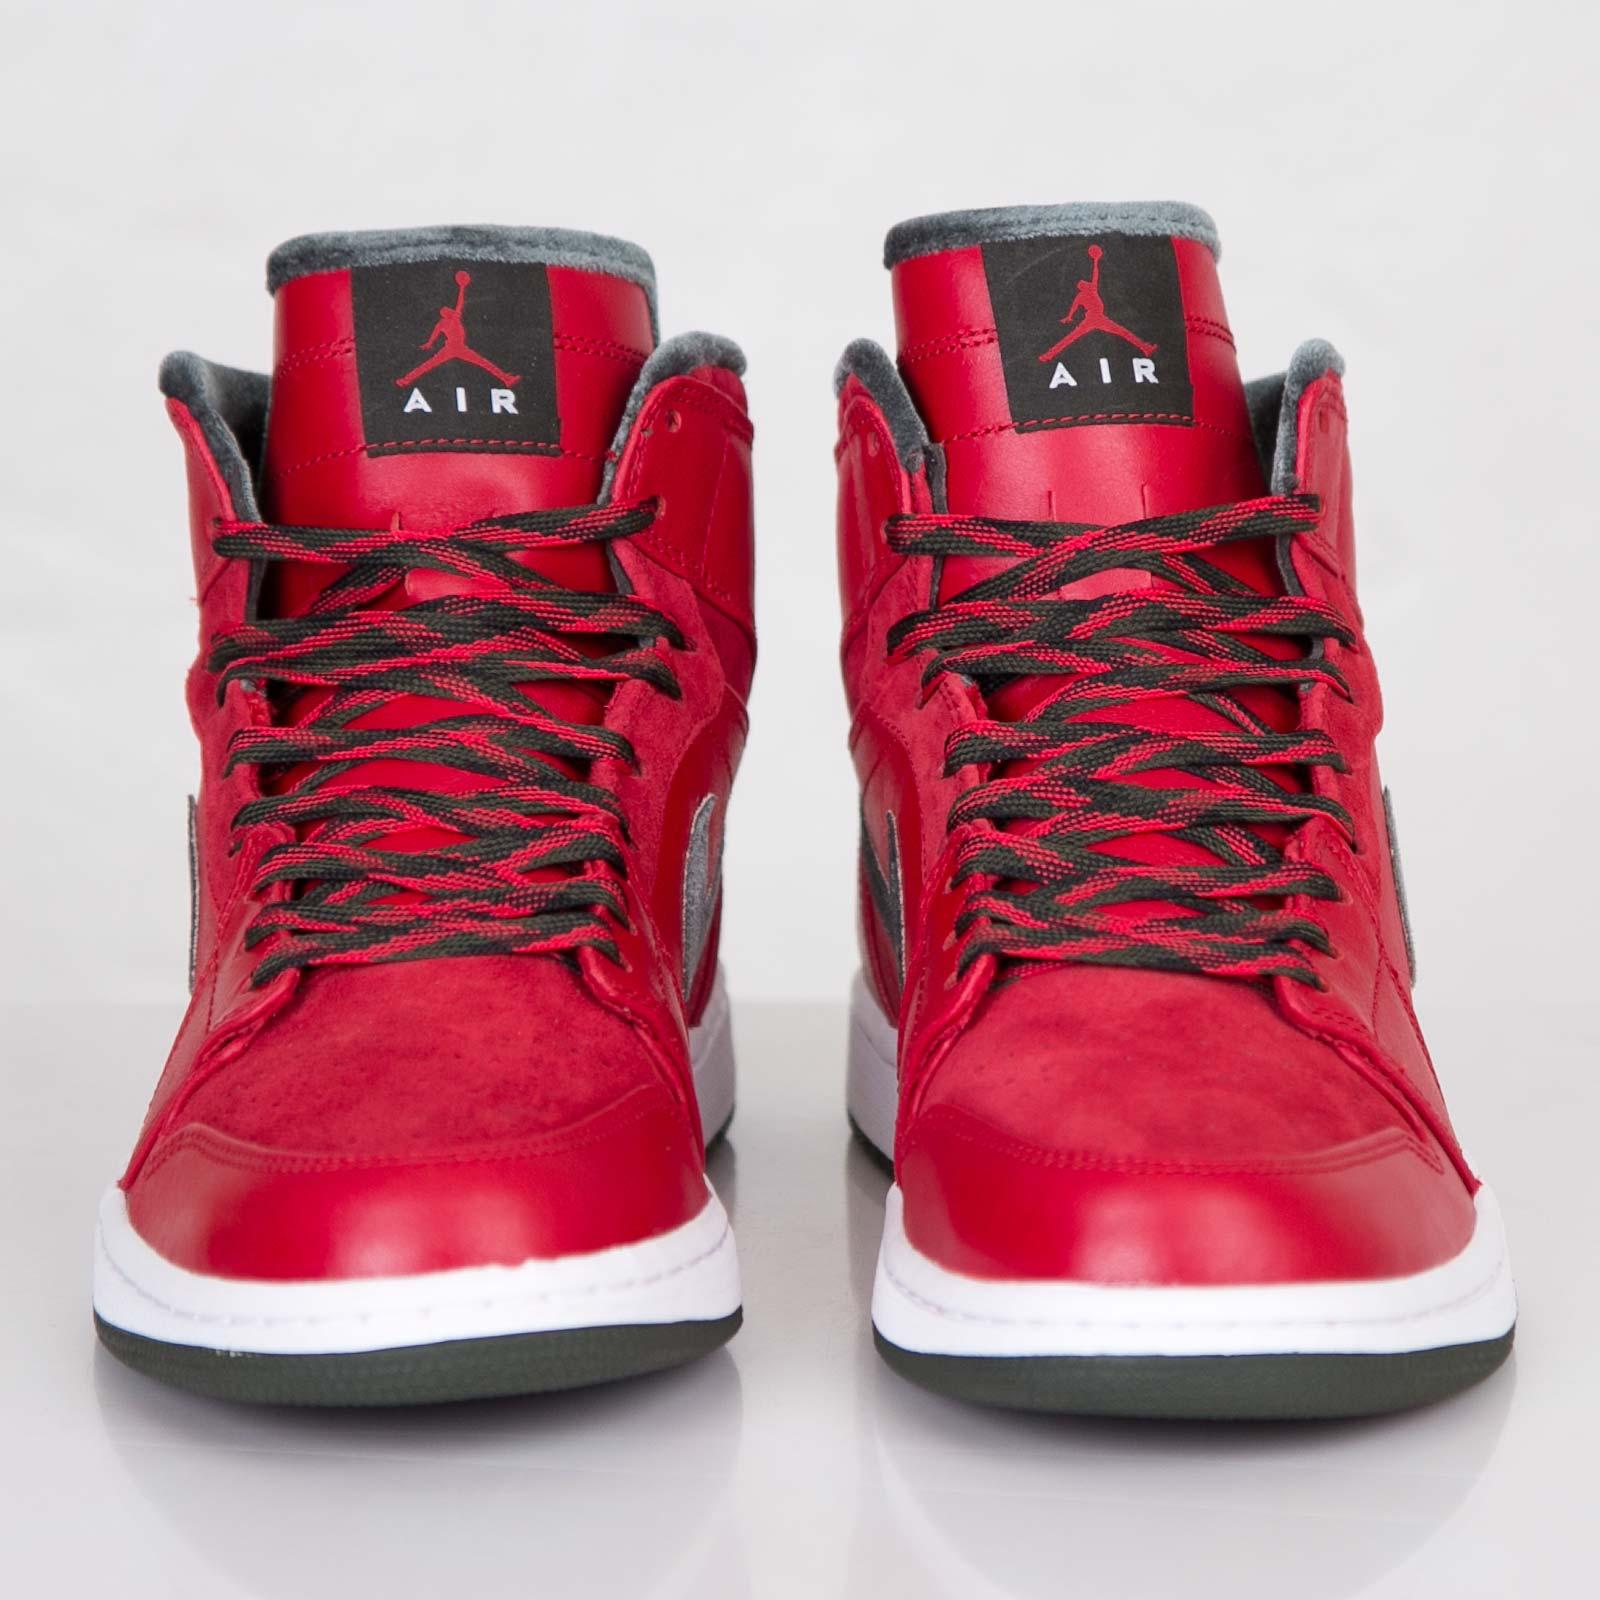 10e3eb591750 Jordan Brand Air Jordan 1 Retro Hi Premier - 332134-631 - Sneakersnstuff